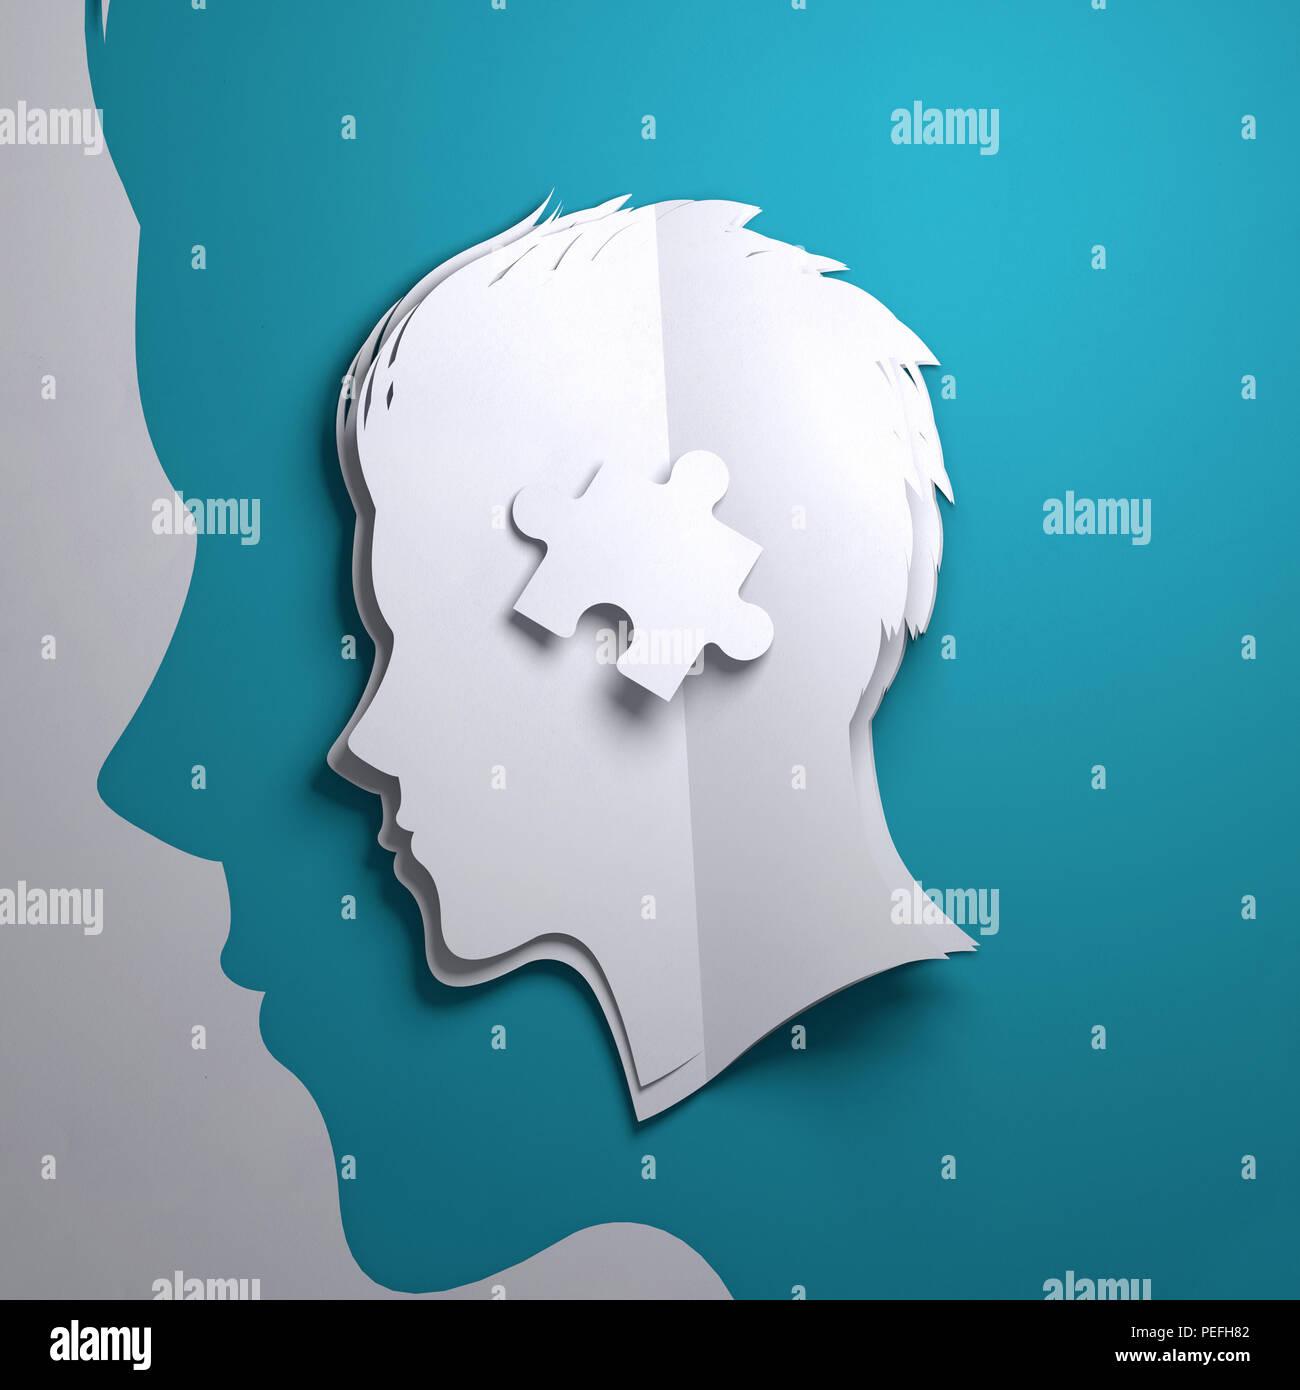 Gefaltetes Papier kunst Origami. Die Silhouette eines Personen Kopf mit einem Puzzleteil. Konzeptionelle Vergegenwärtigung 3D-Abbildung. Stockbild